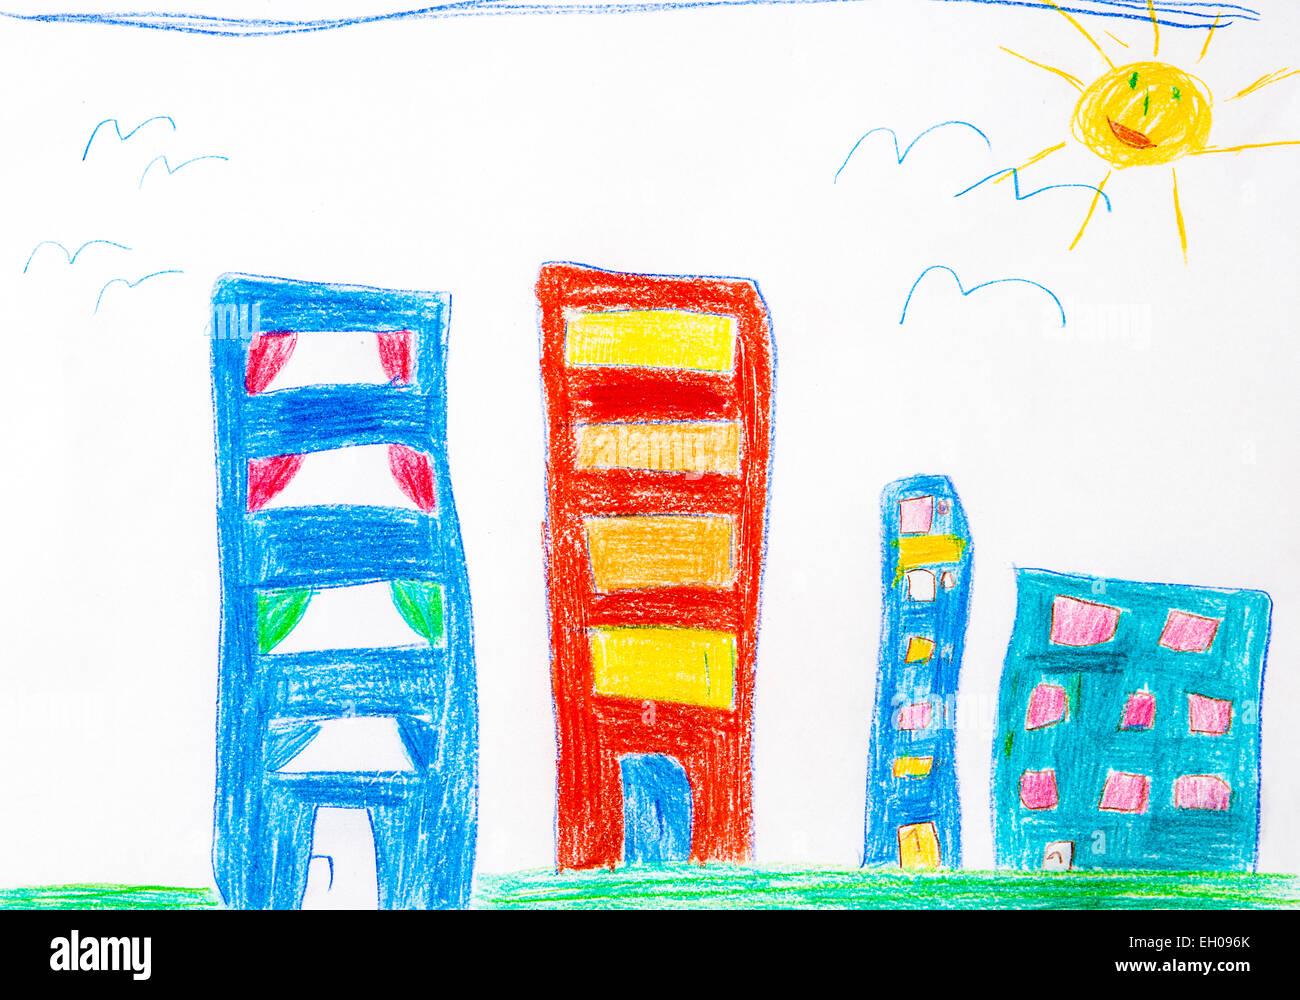 Des Kindes Zeichnung, High-Rise Gebäude und Sonne Stockbild